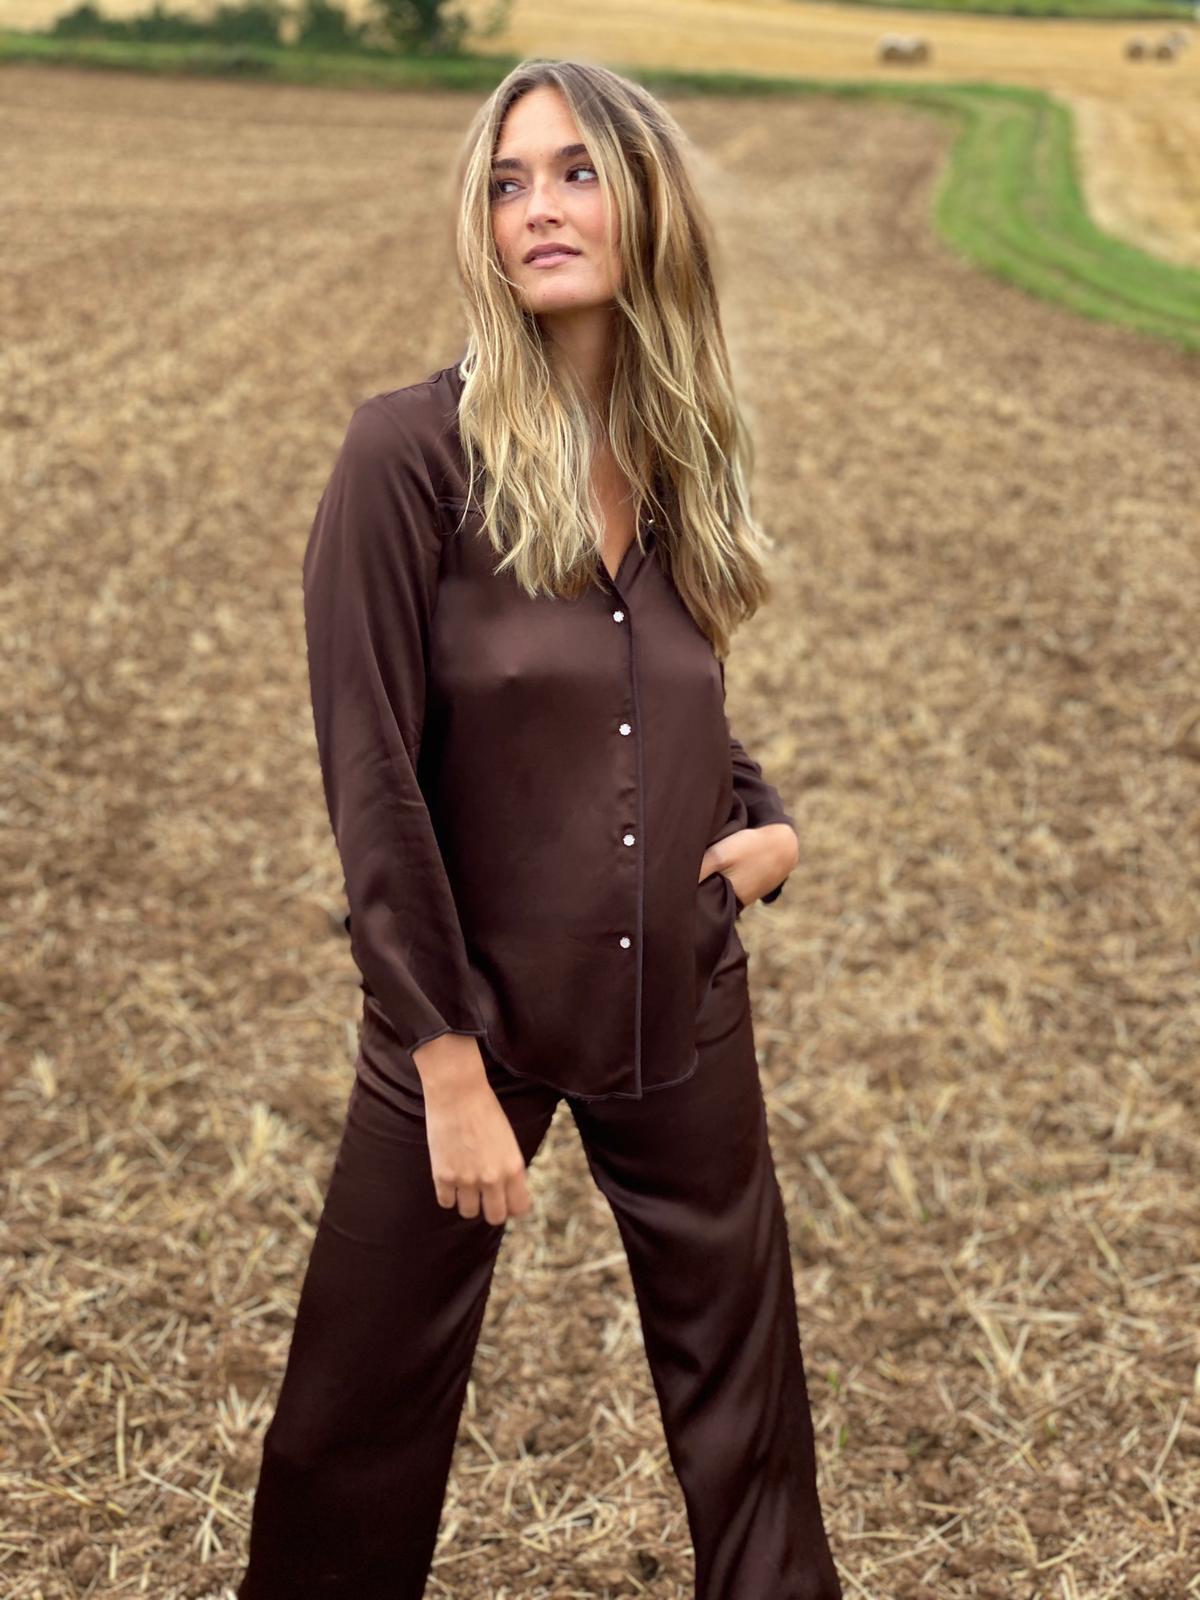 Neu im Shop: Bella Blouse & Pants